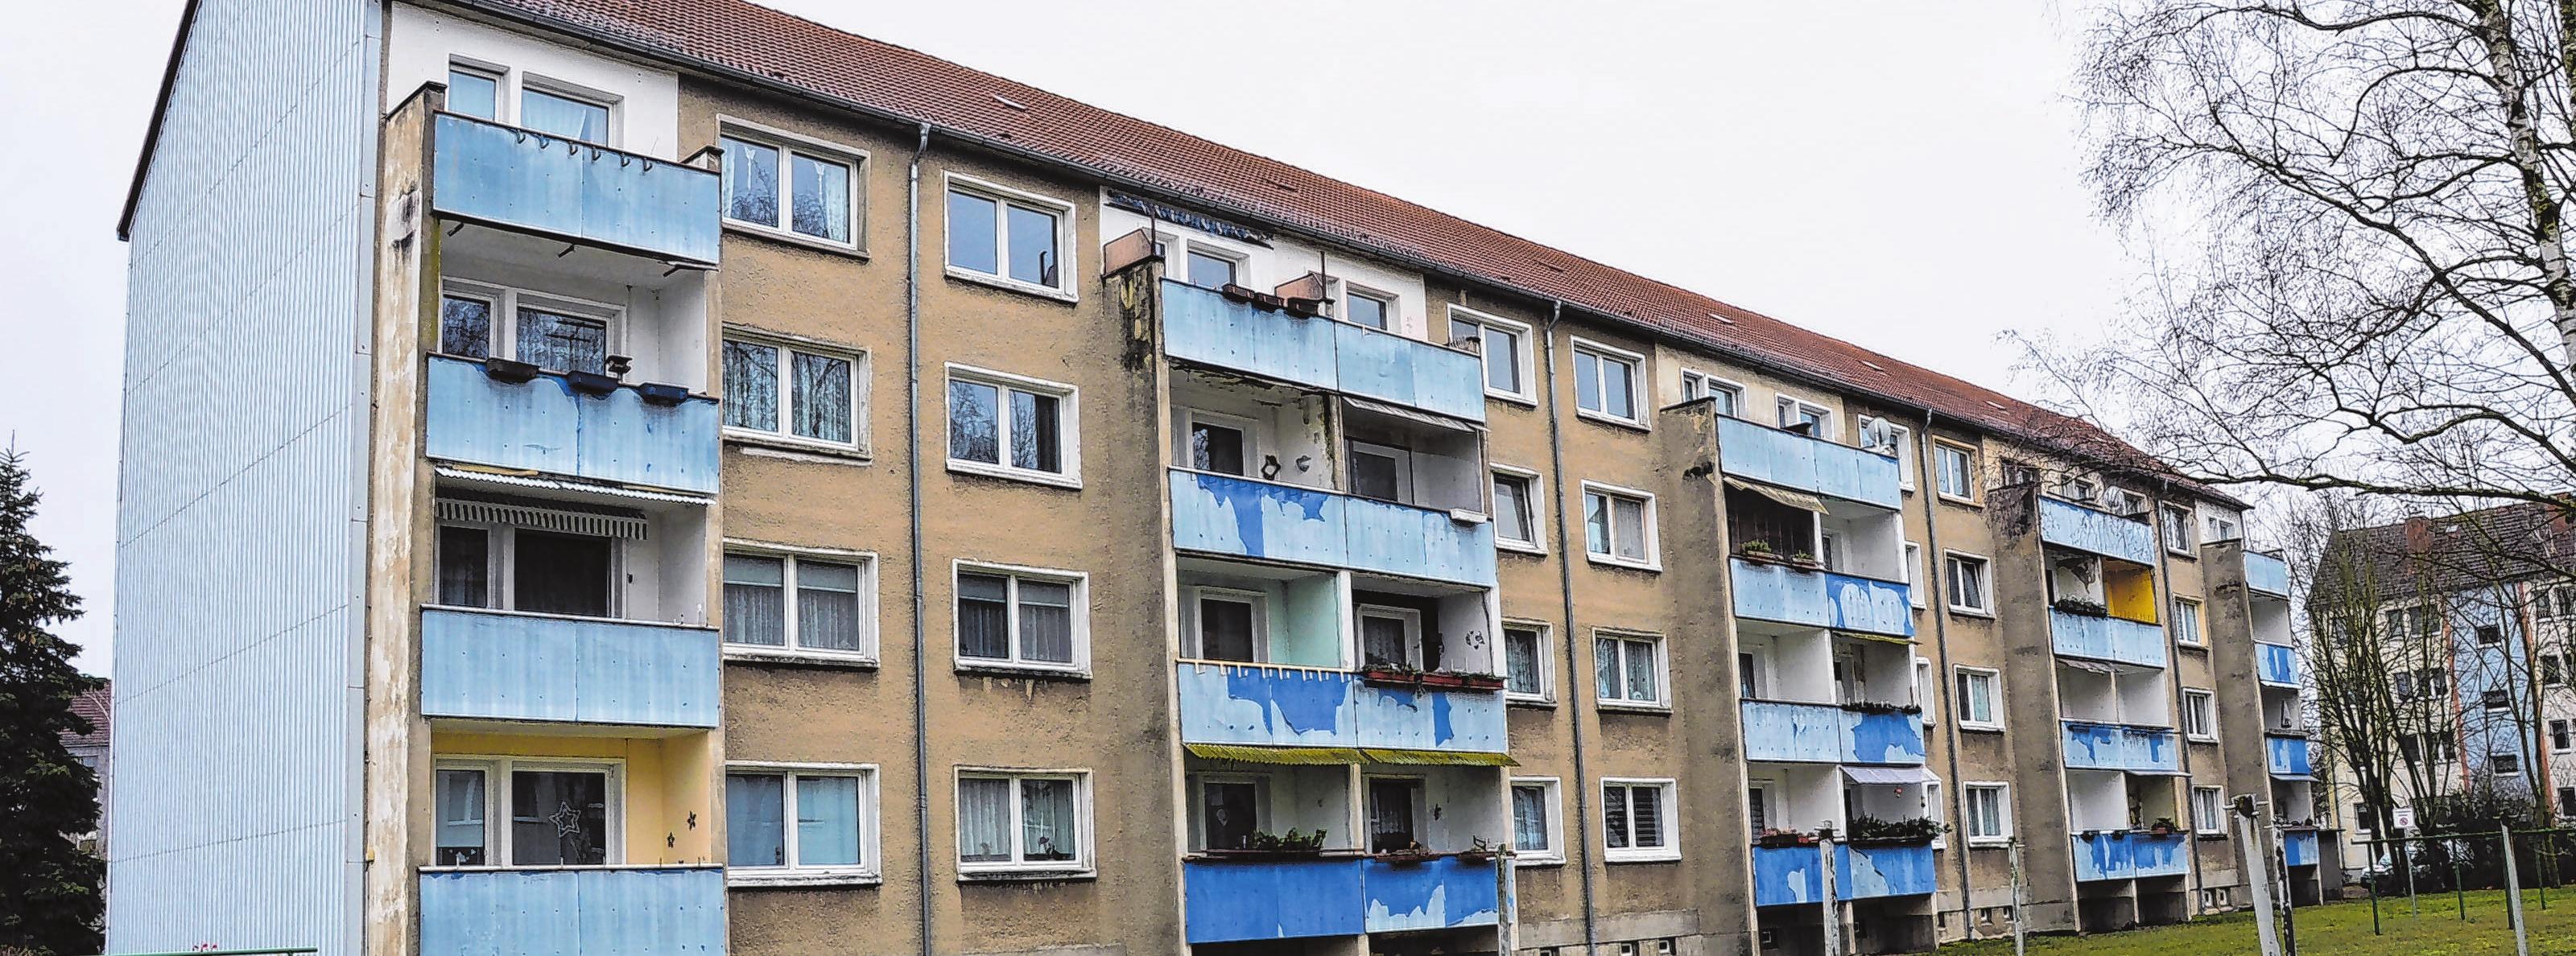 Der viergeschossige Wohnblock in der Hölderlinstraße 35 - 38 wurde 1979 errichtet und soll bis Dezember saniert und modernisiert werden. Auch der Laie erkennt, dass die Balkone eine Erneuerung dringend nötig haben, Geländer und Überdachung sollen saniert werden. Fotos: Vanessa Engel